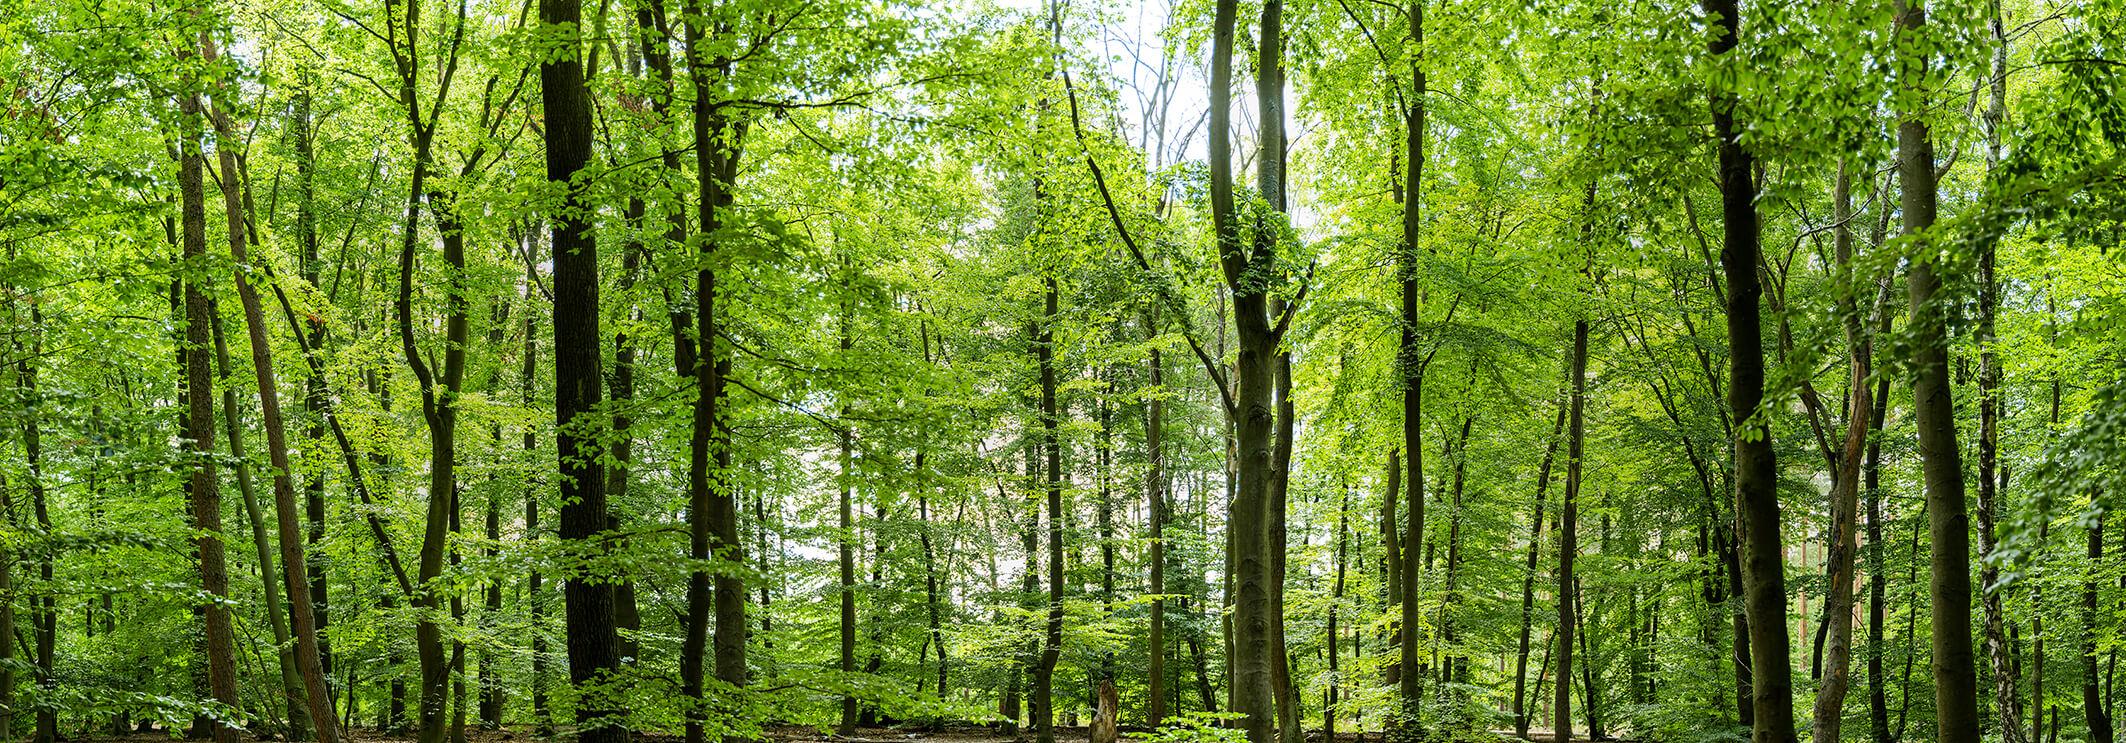 Wood_DSF2080_Pano_3XL 1